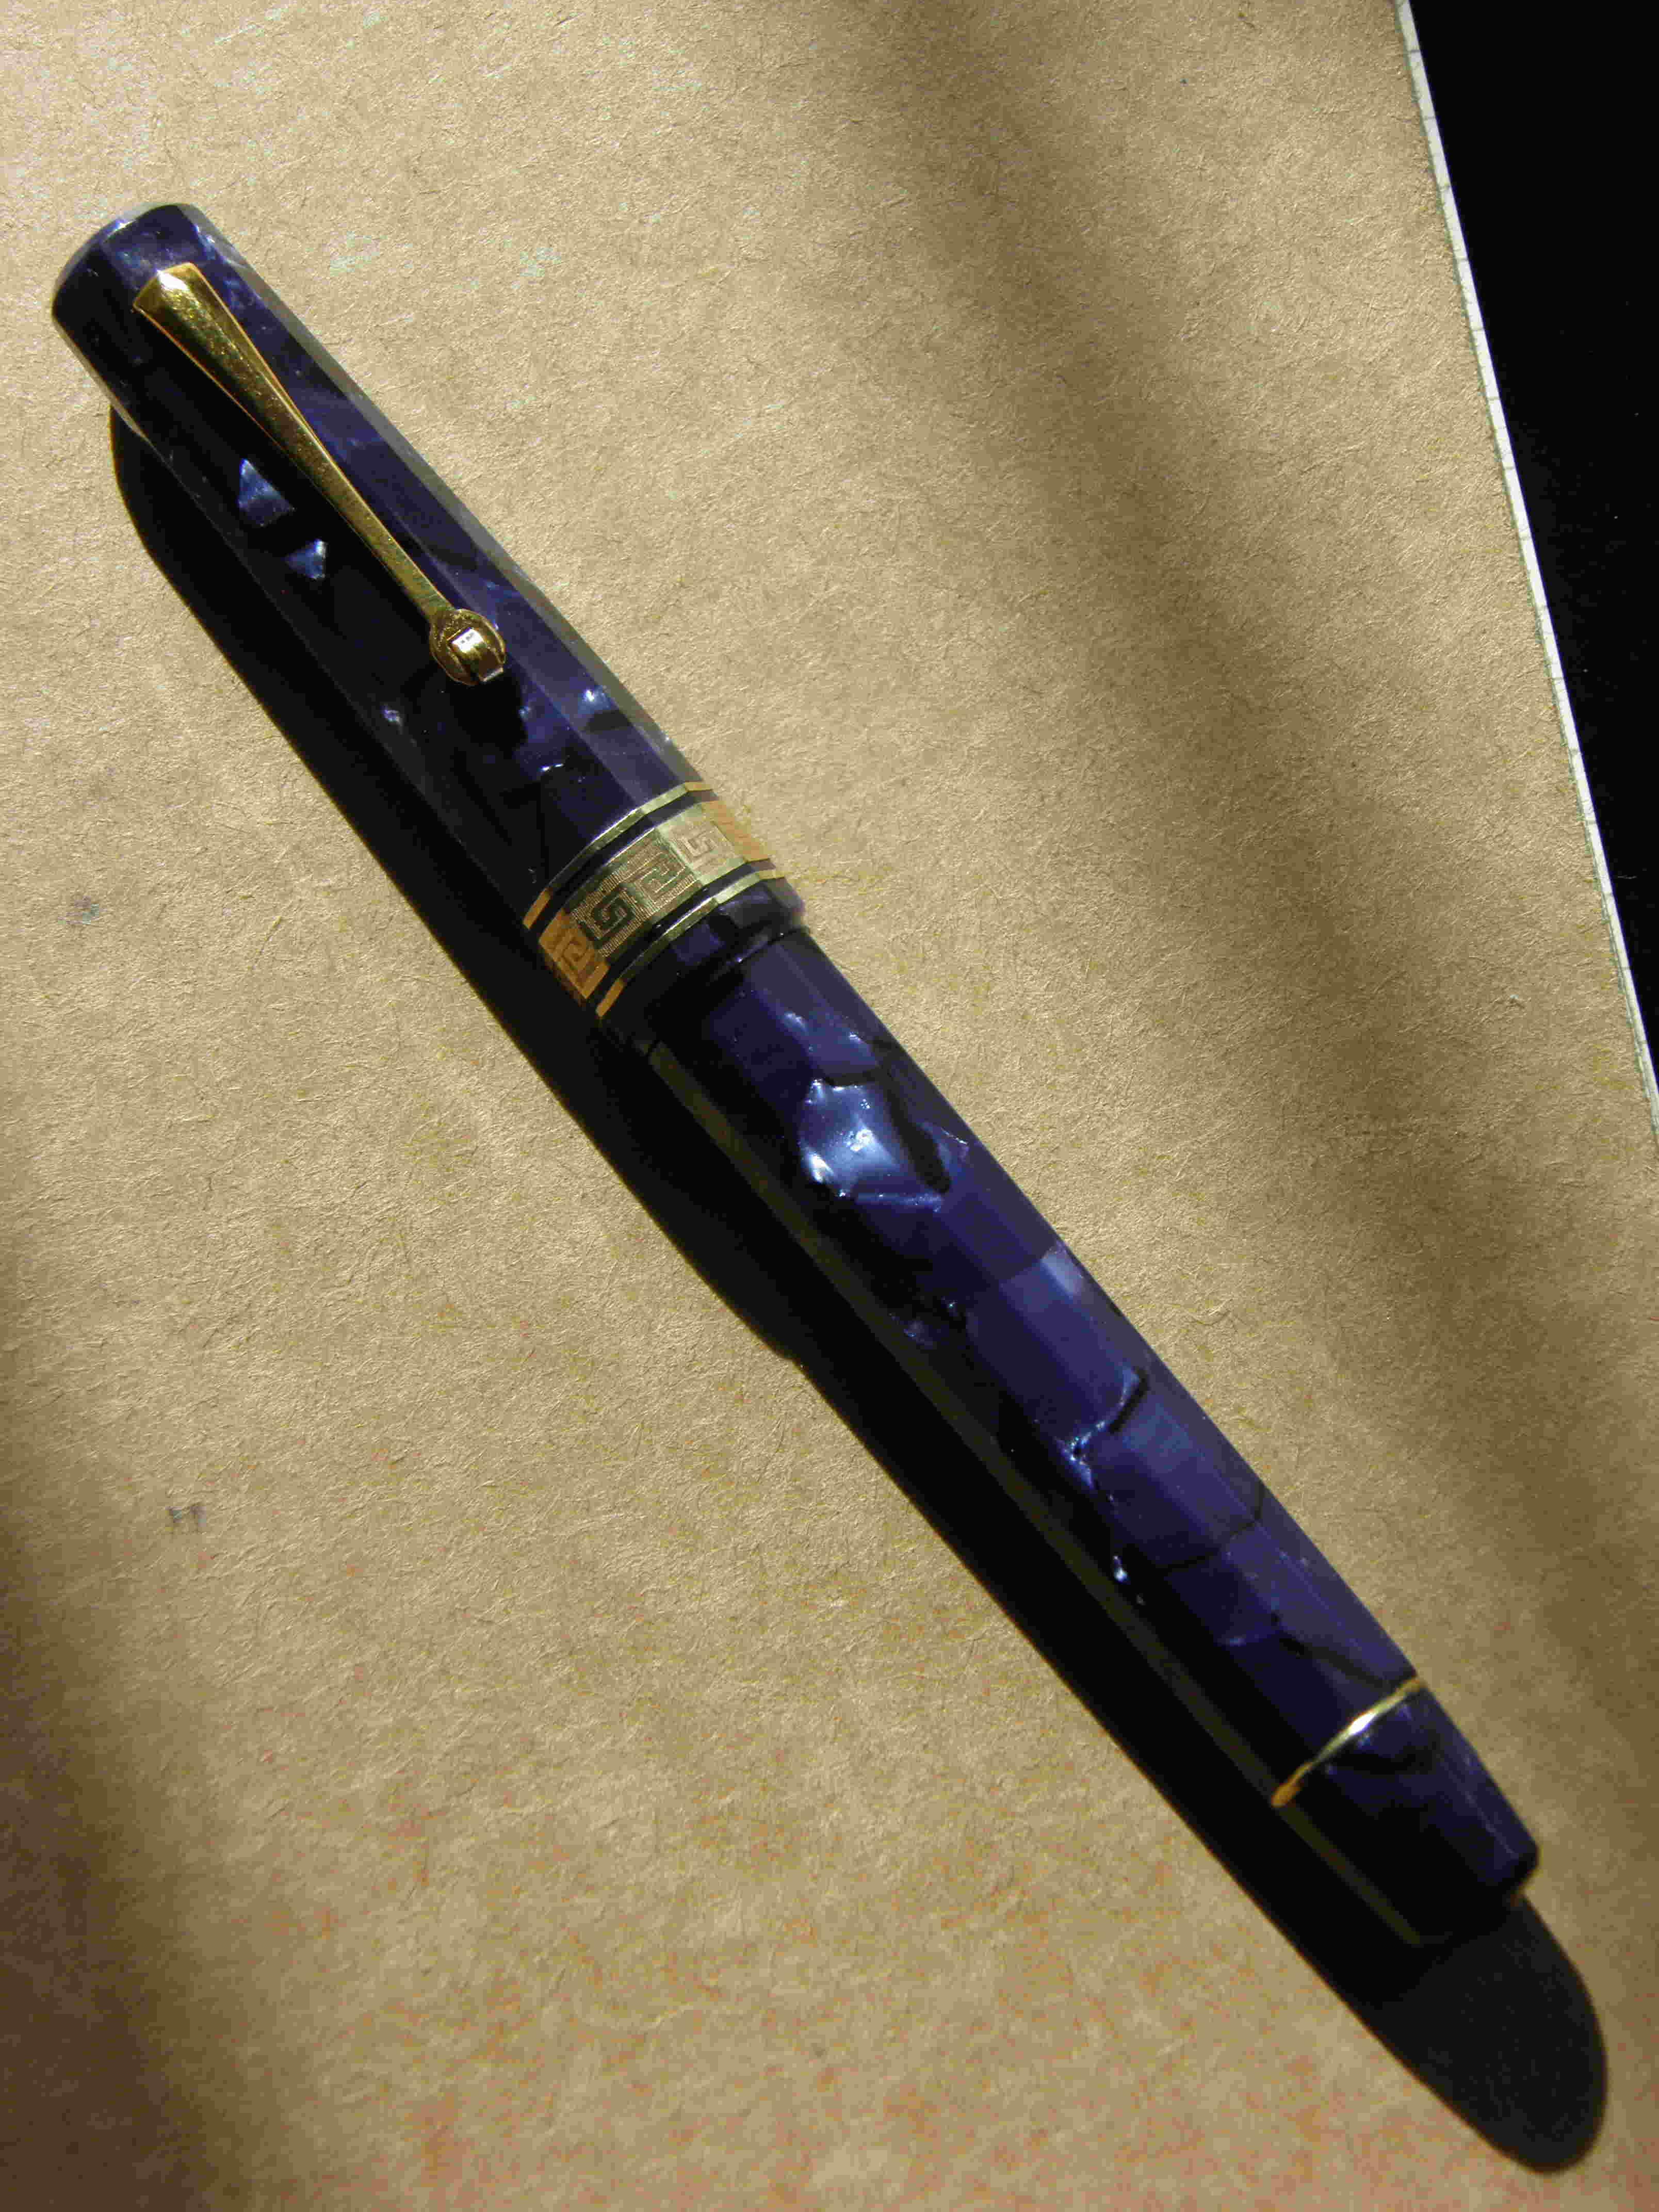 OMAS AI Full pen.jpg